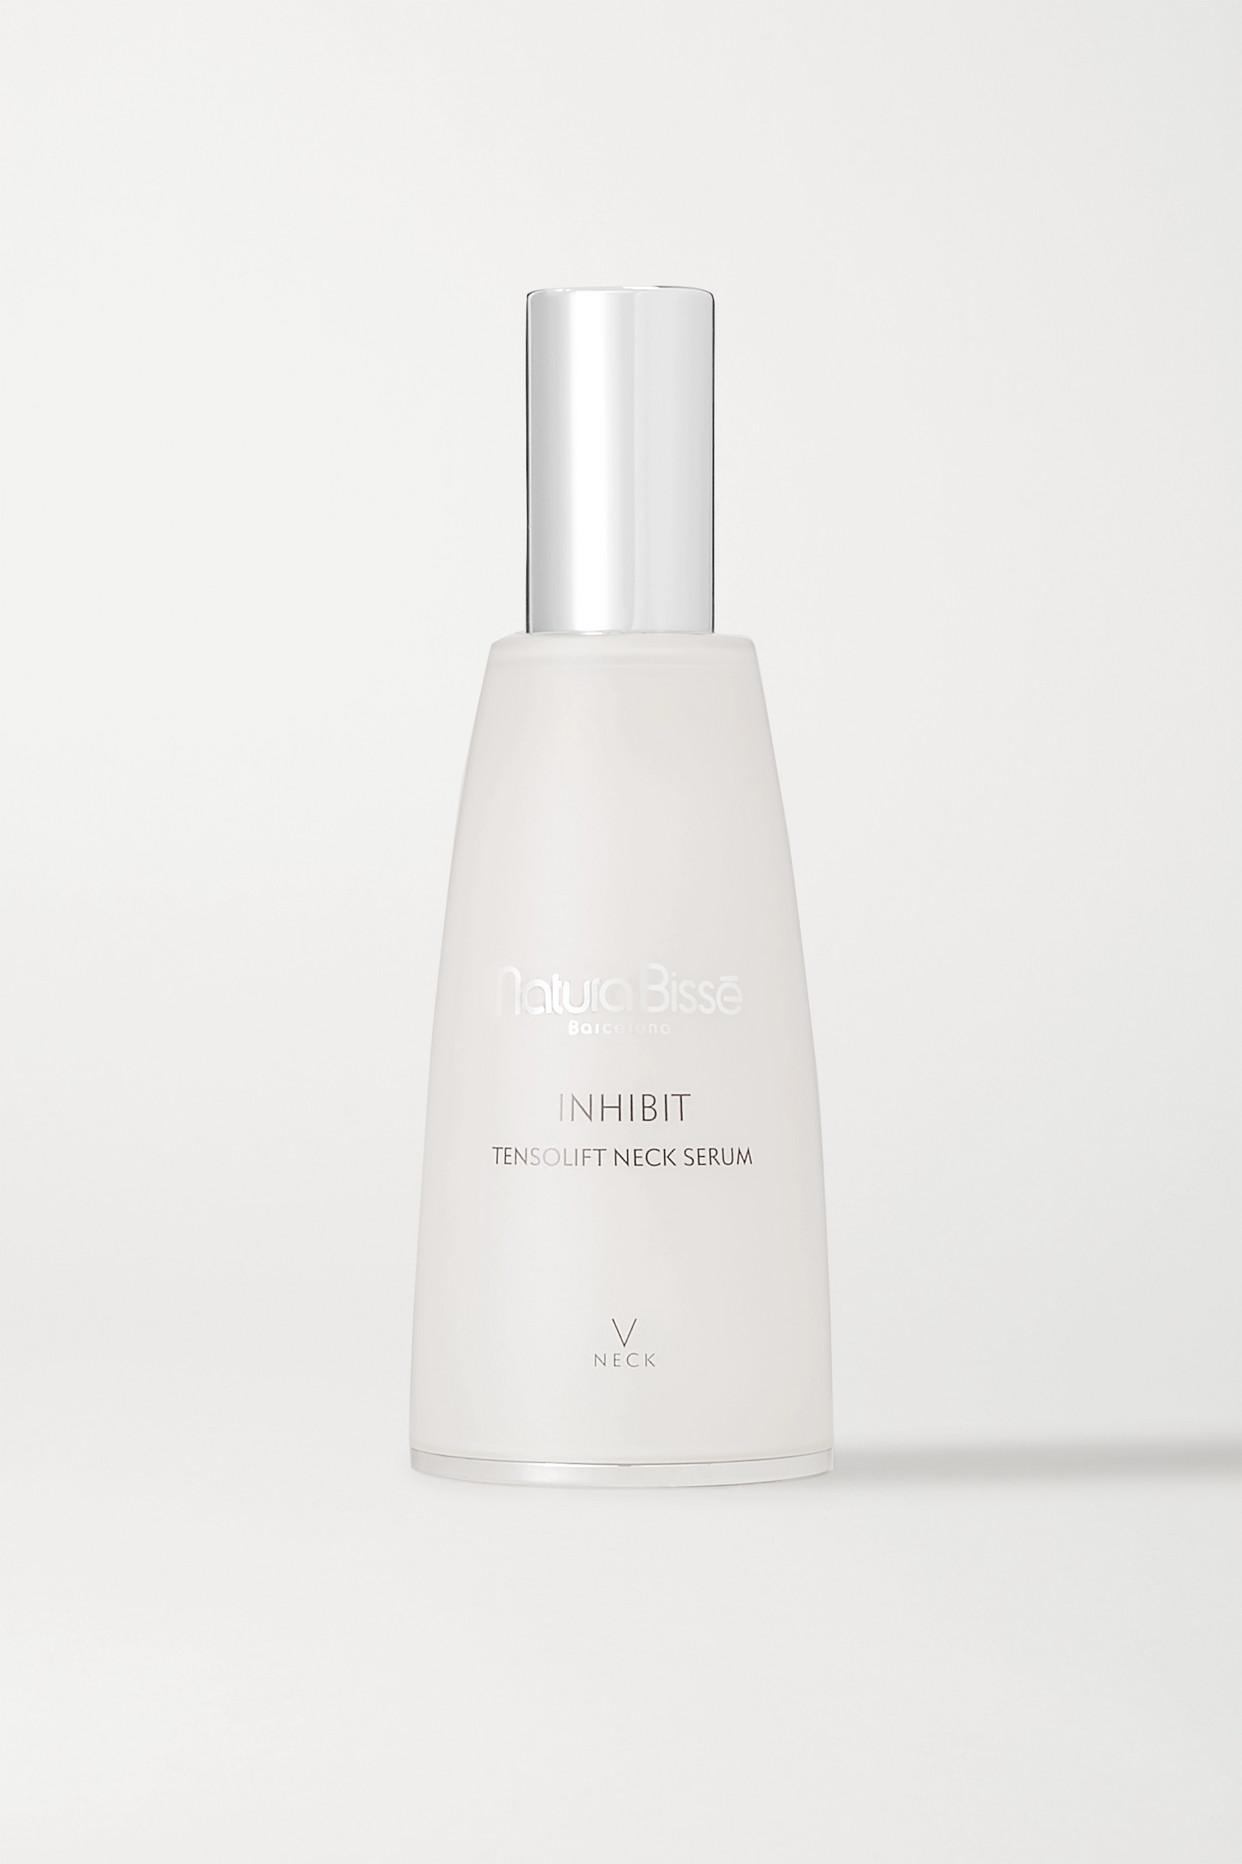 NATURA BISSÉ - Inhibit Tensolift Neck Serum, 60ml - one size